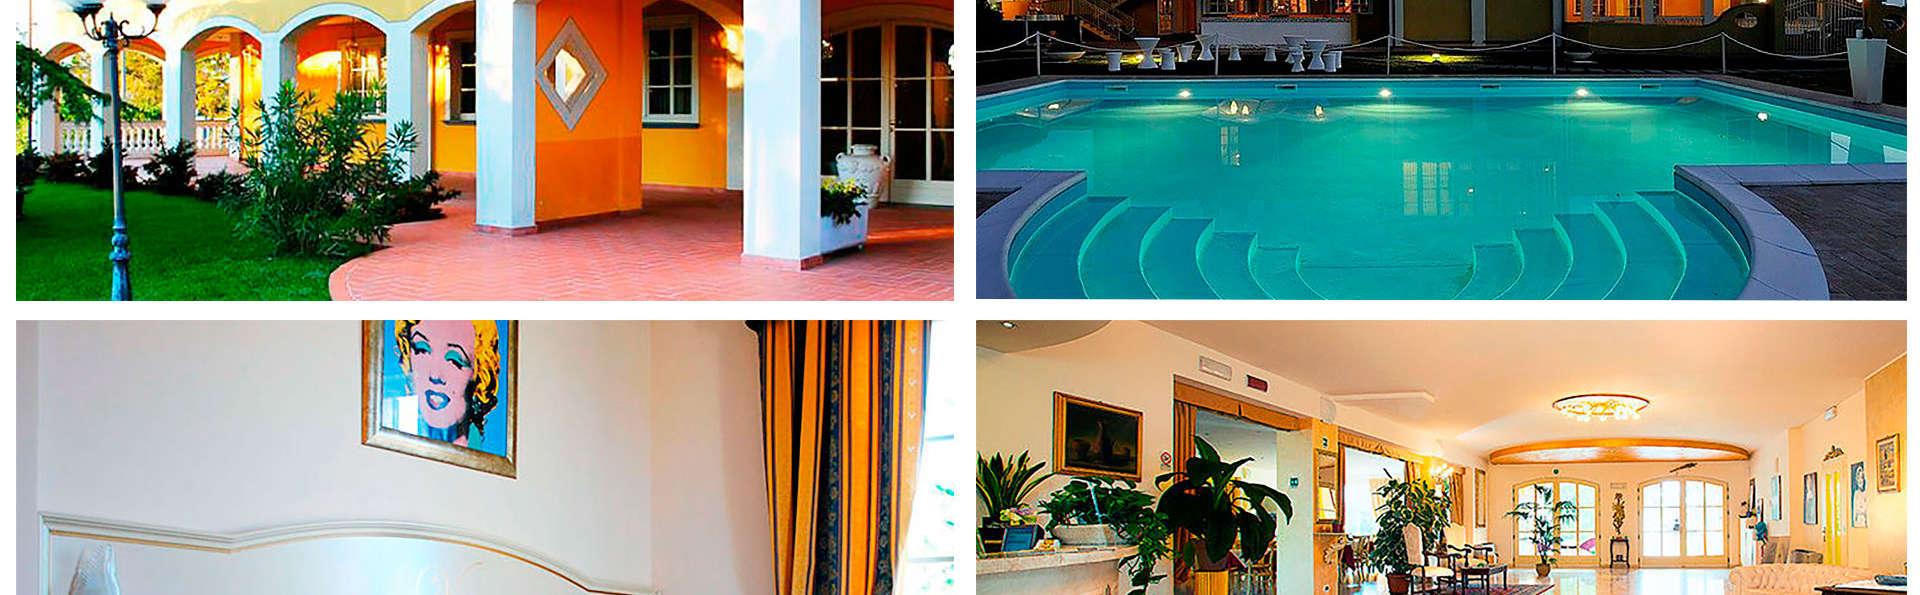 Relais Hotel Vedute 4 Fucecchio Italie